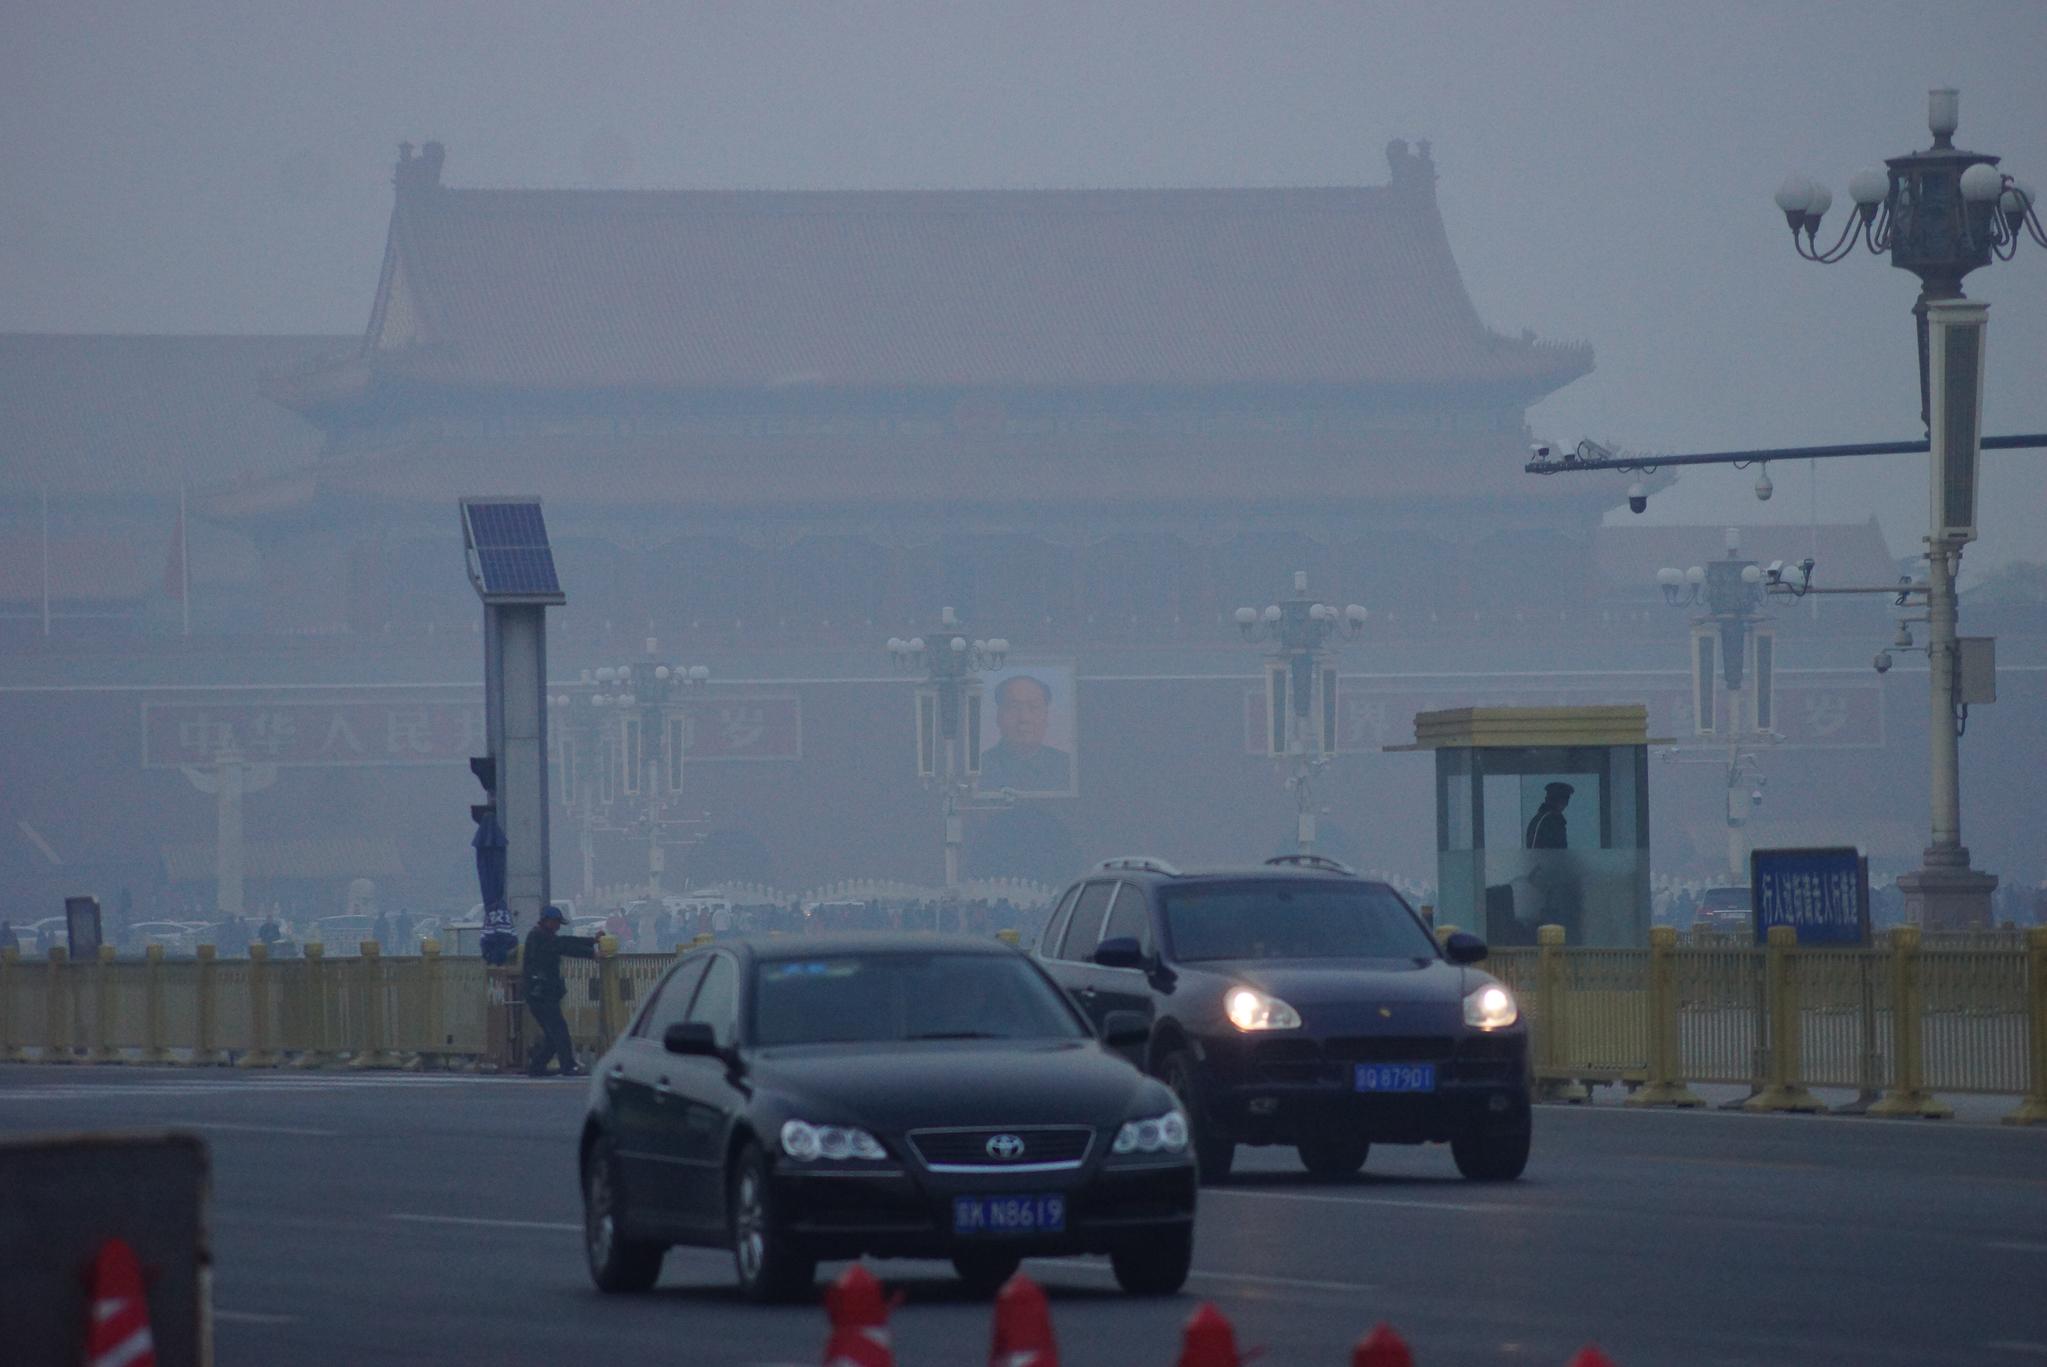 지난해 11월 26일 중국 베이징 천안문 광장. 짙은 스모그가 베이징 시내를 뒤덮고 있다. 베이징=강찬수 기자